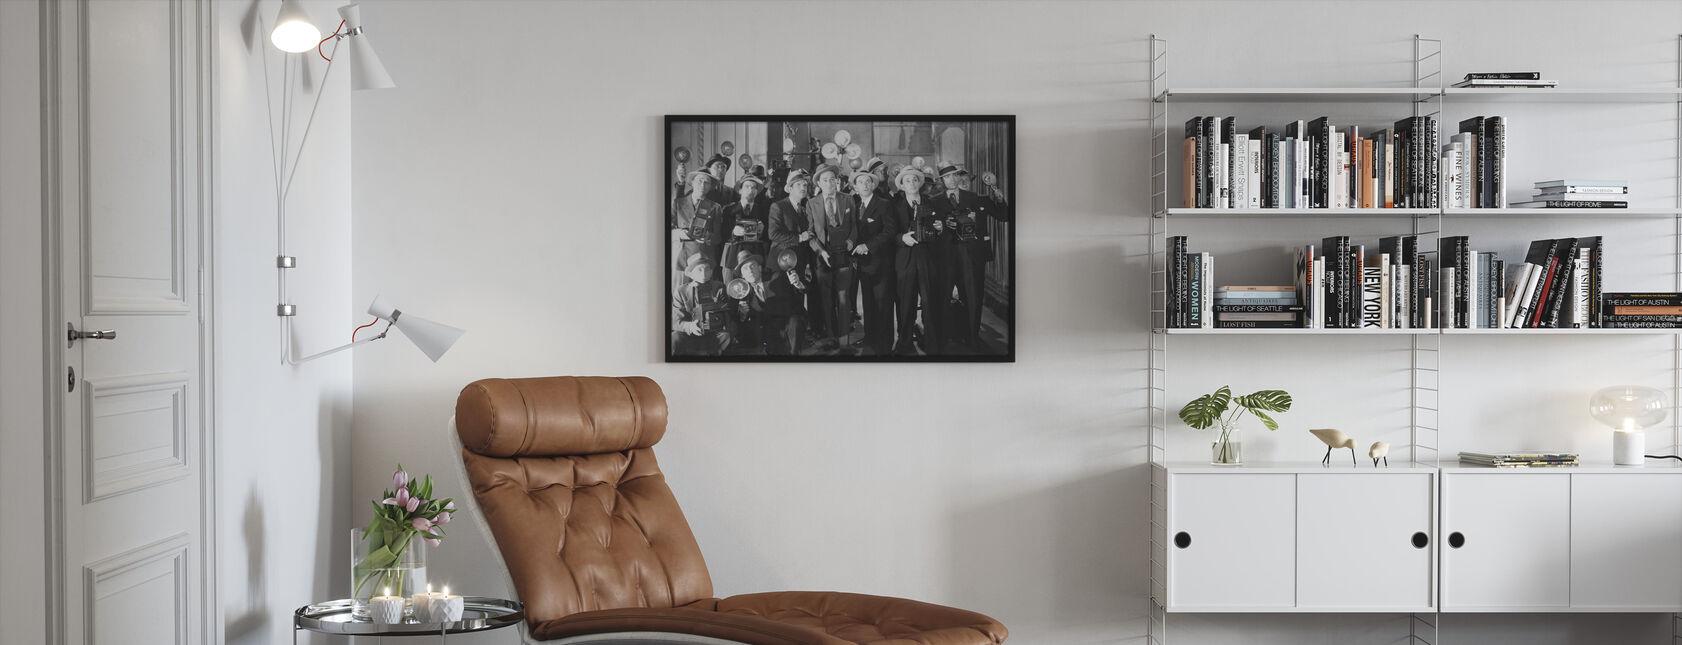 Paparazzi Verwirrung - Gerahmtes bild - Wohnzimmer